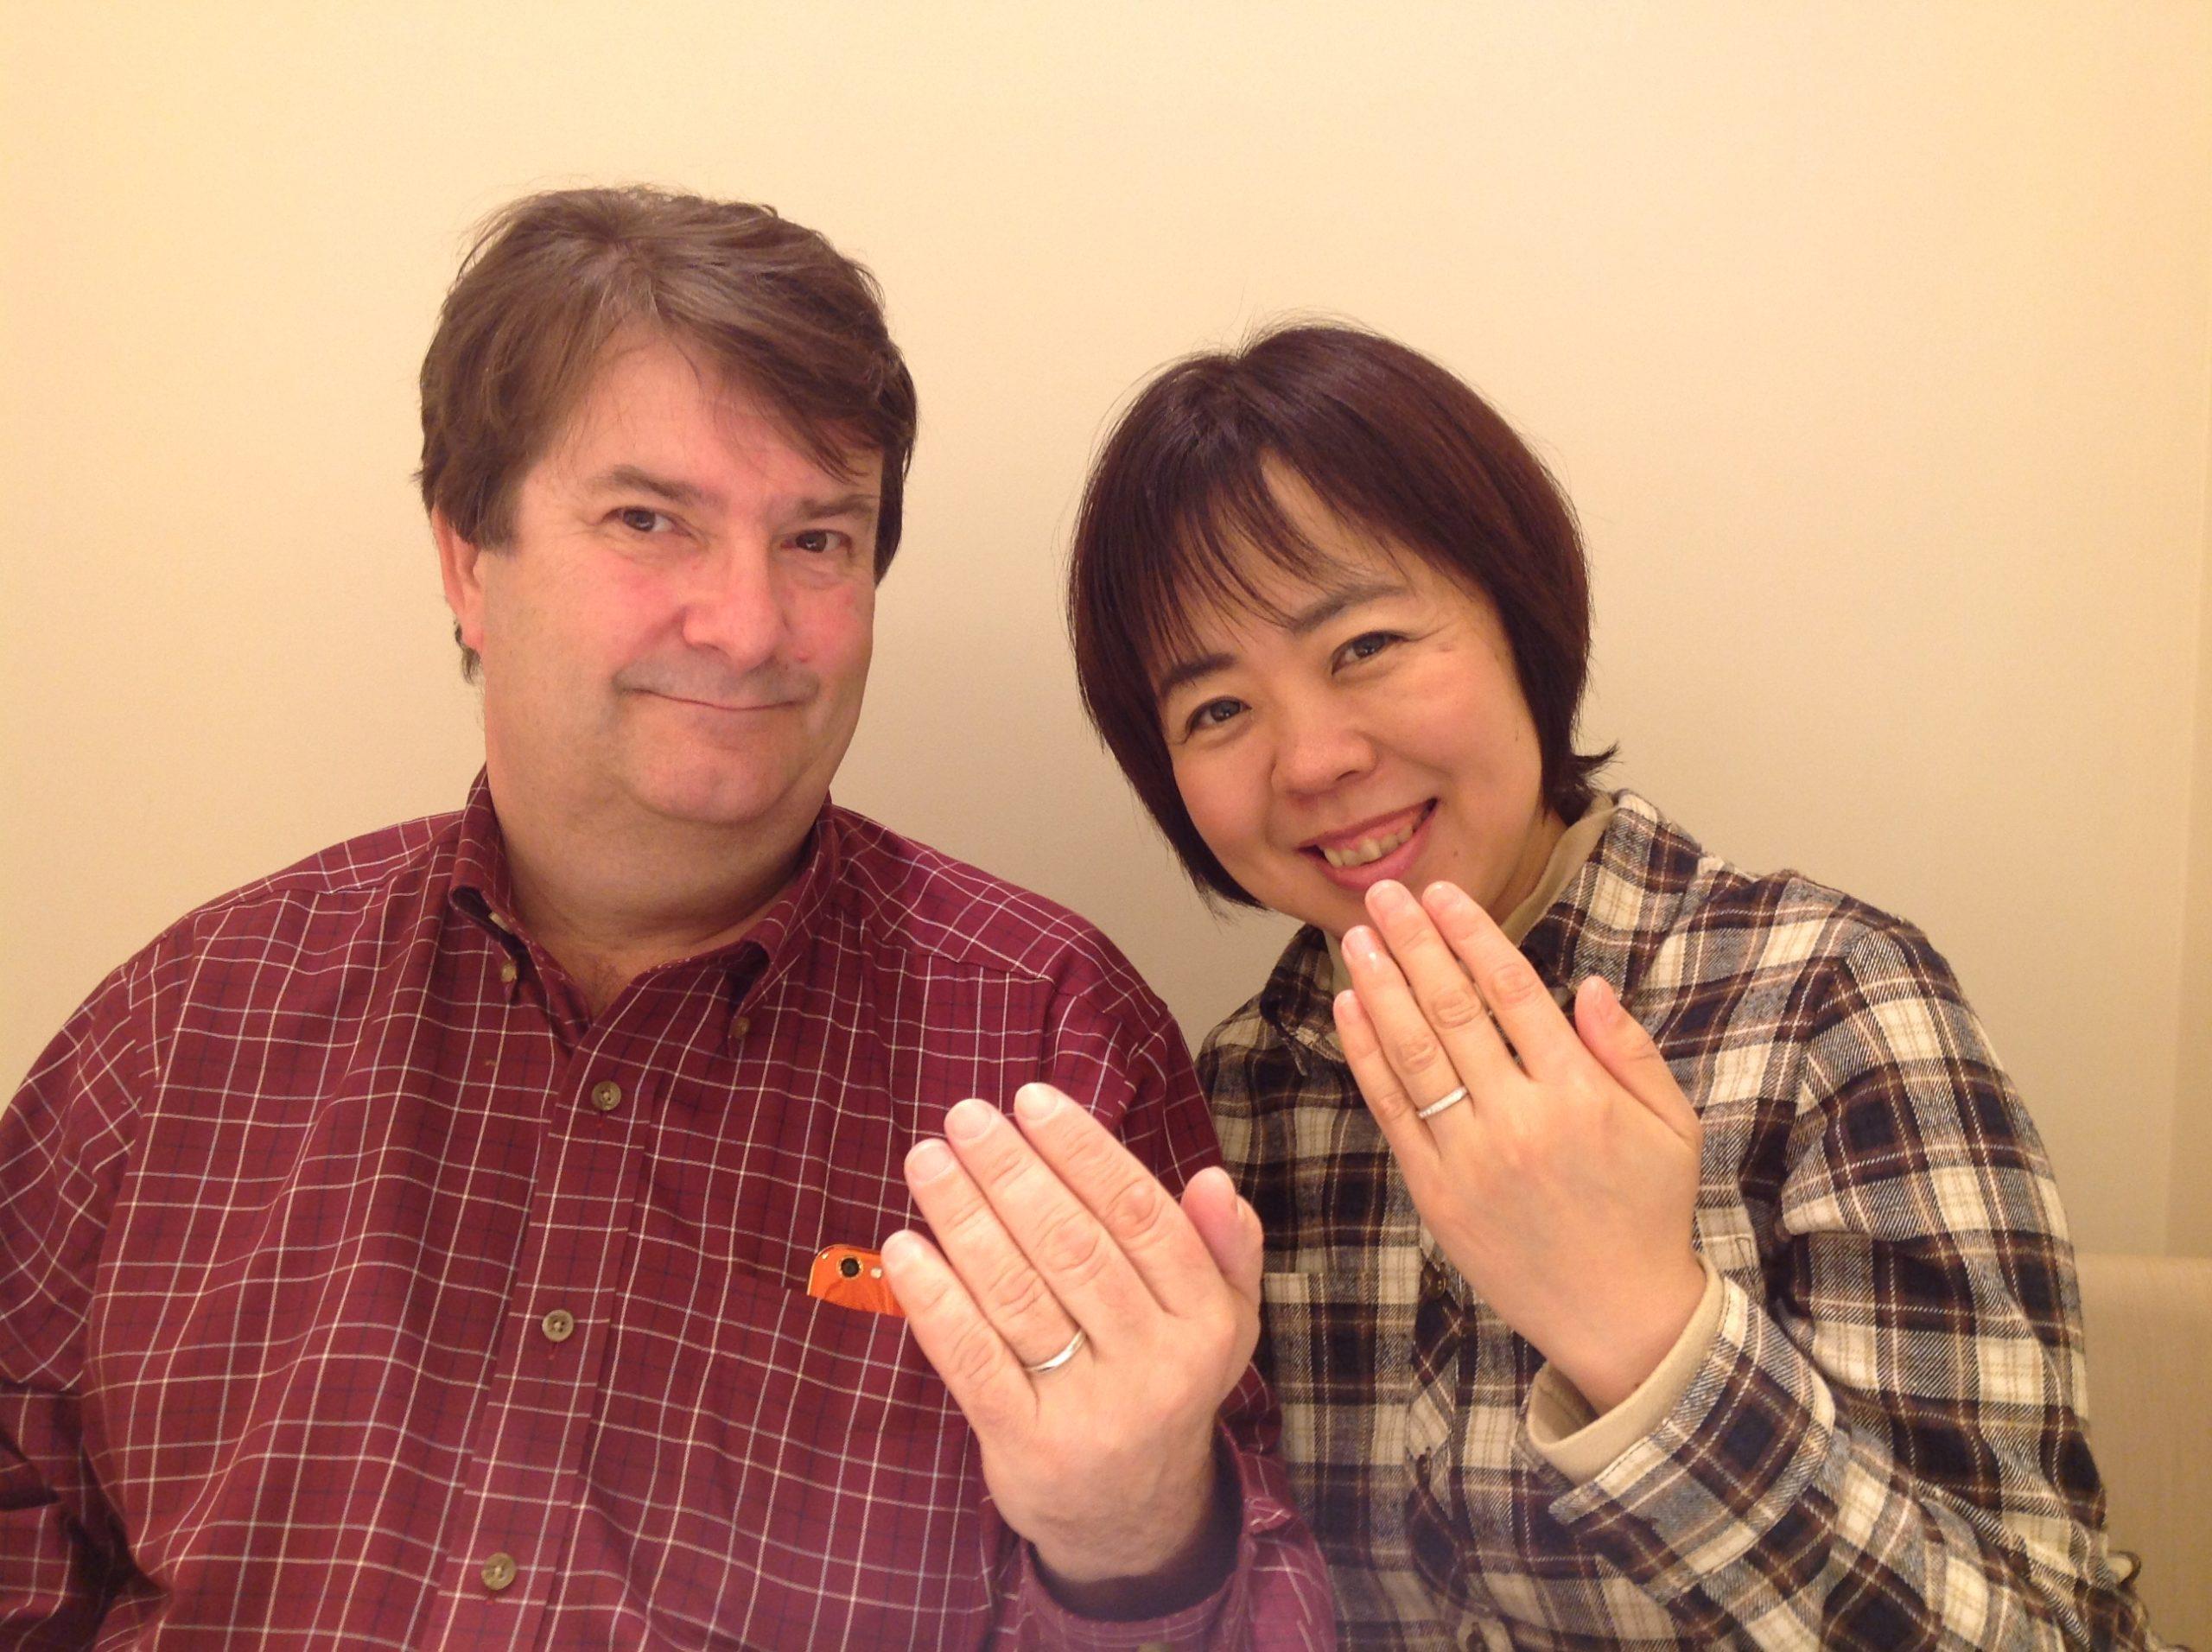 モニッケンダム、結婚指輪、婚約指輪